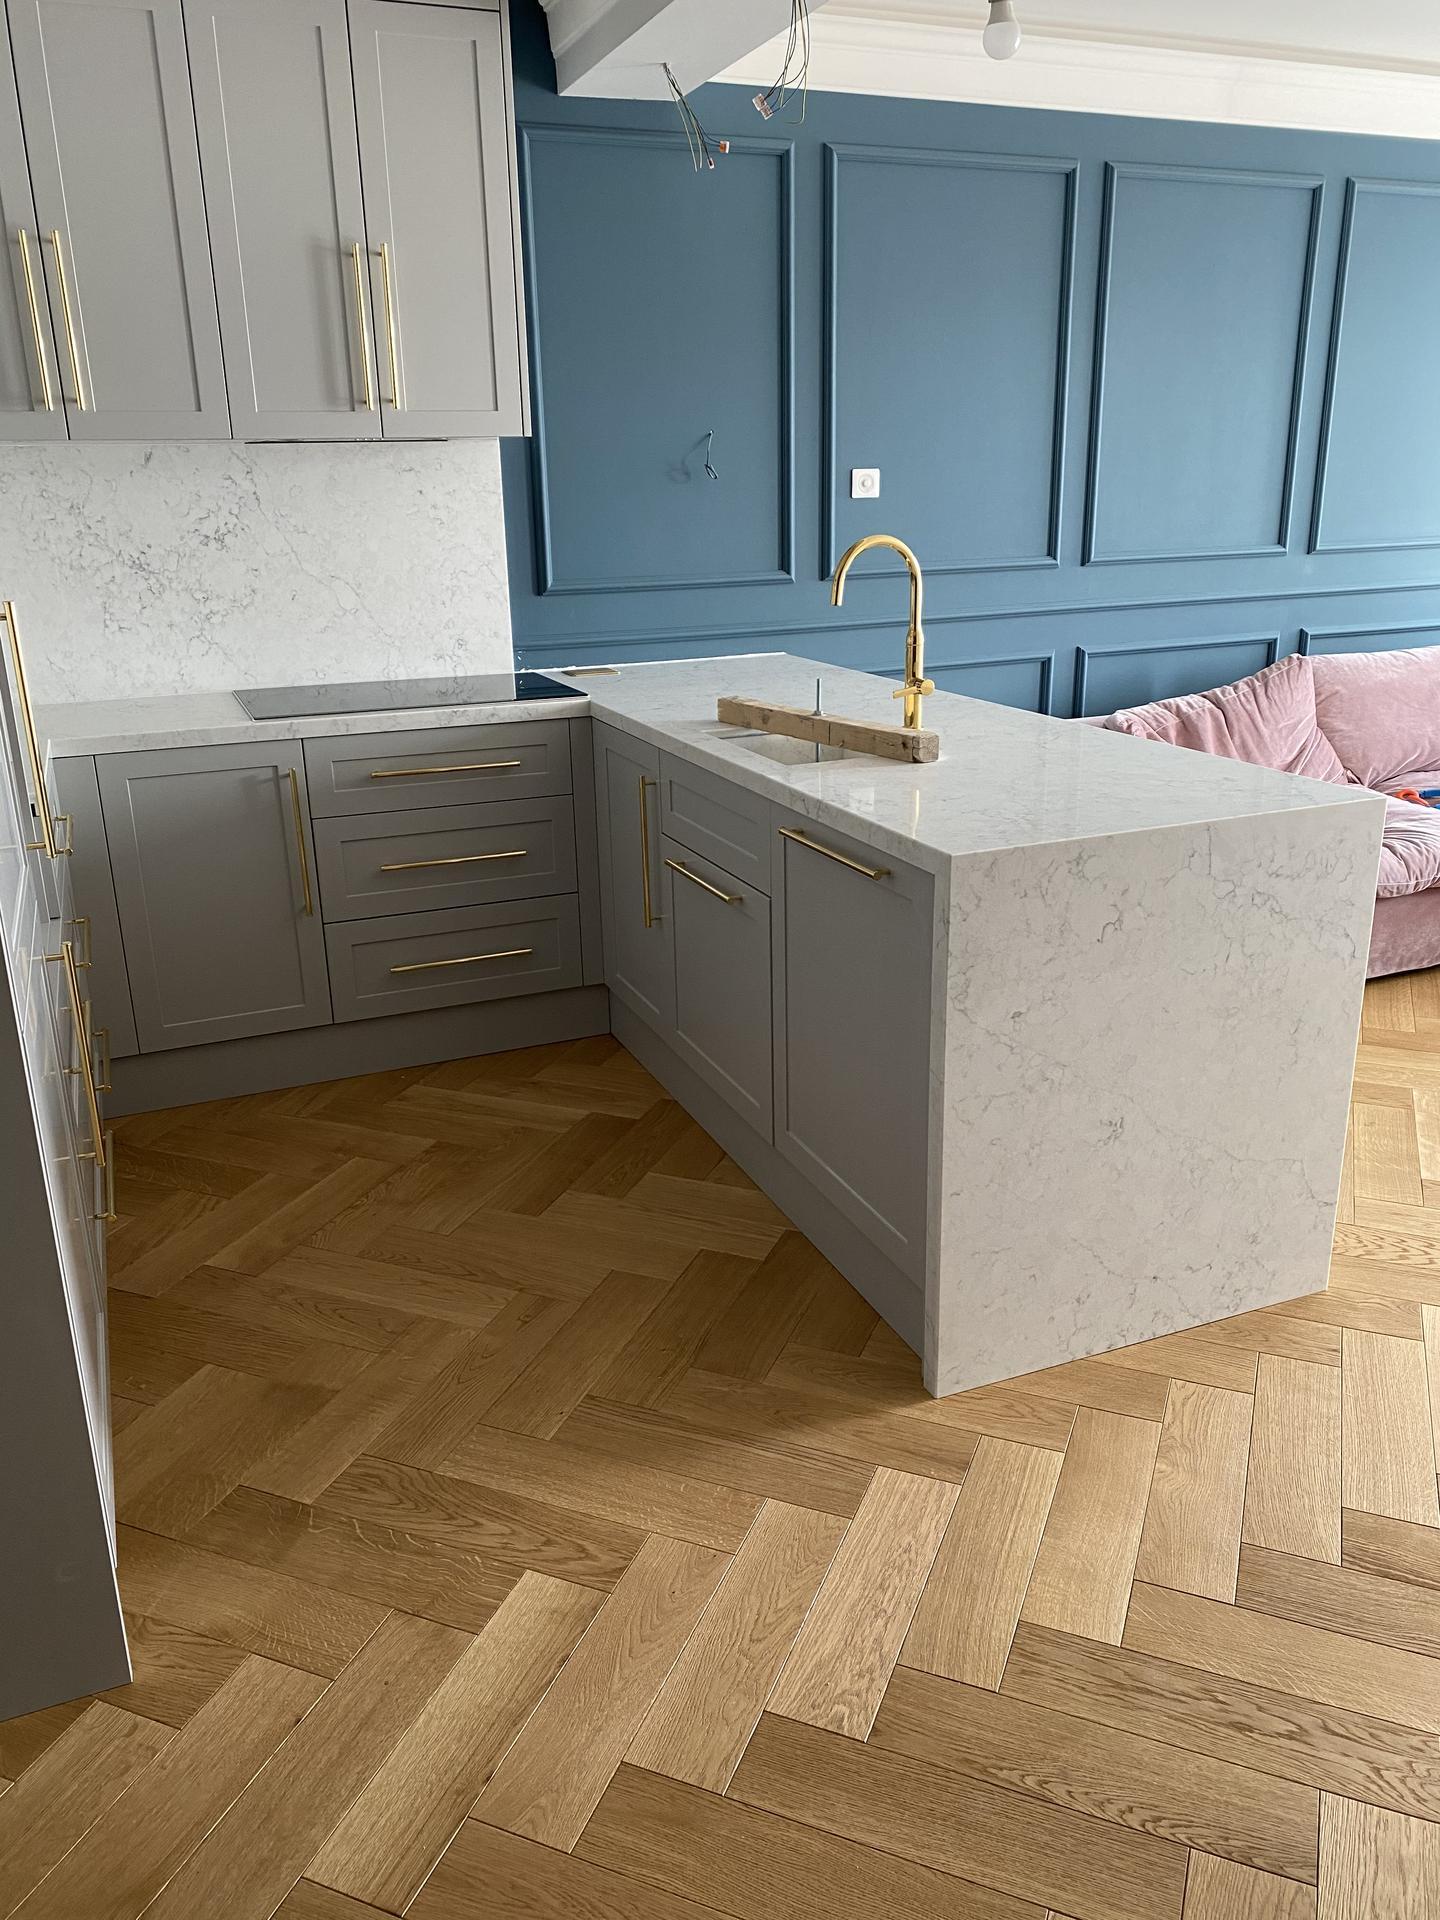 Heslo: Extravagancia & Luxus ❤️ - Jednoznačne moja vysnívaná kuchynka! Chcela som aby bola luxusná a zapadla do interiéru ale zároveň aby bola nadčasová...mramor zlatá a drevo ... neskutočná kombinácia <3